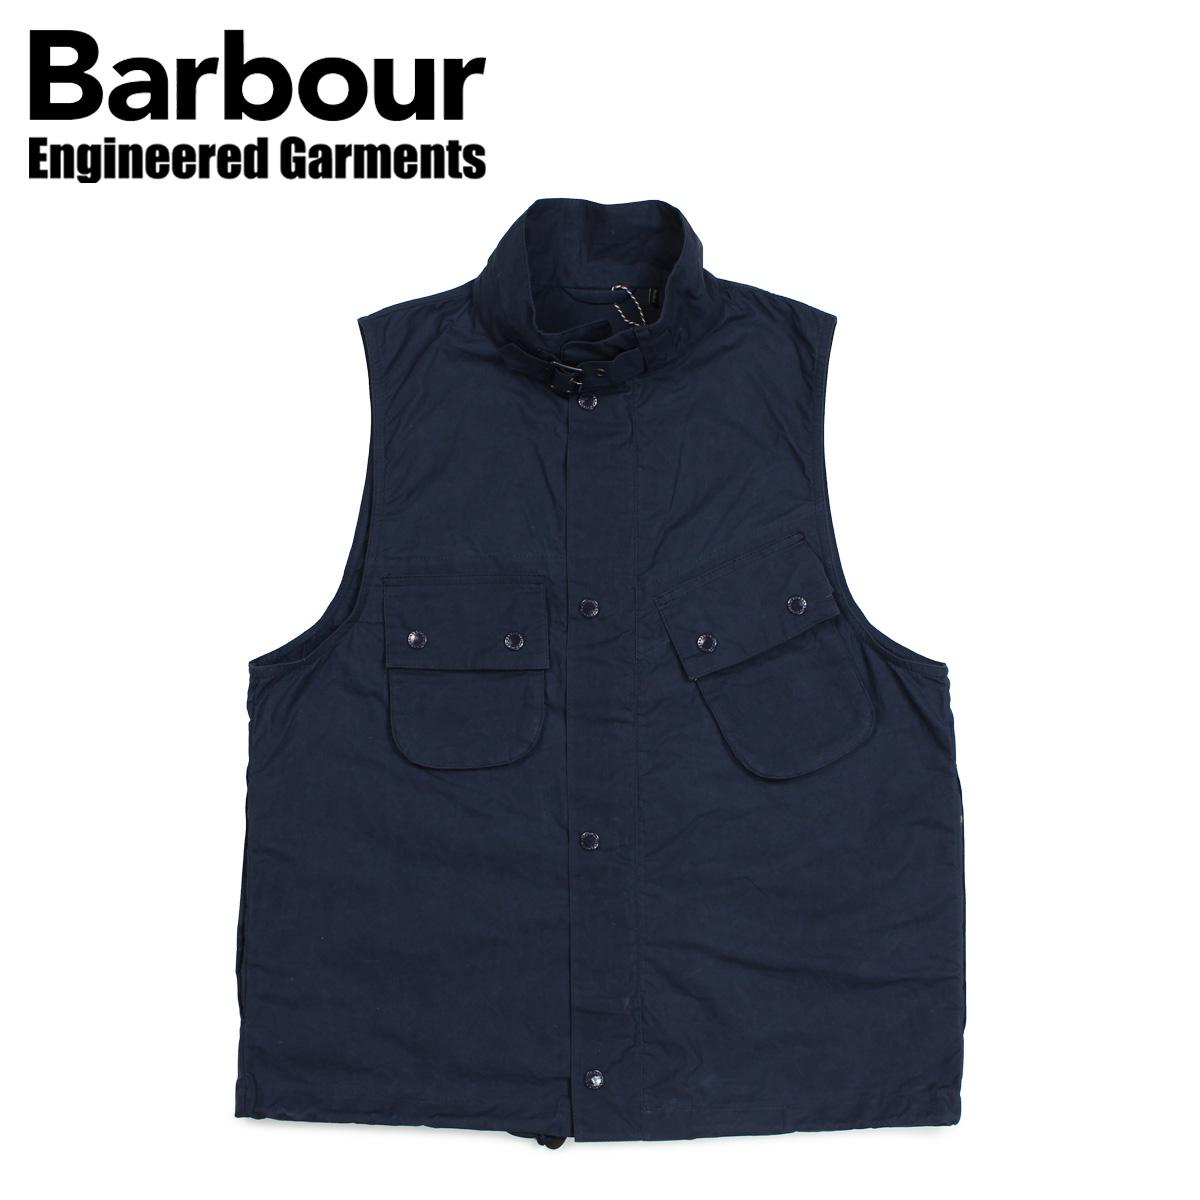 Barbour ENGINEERED GARMENTS ARTHUR GILET バブアー エンジニアードガーメンツ ベスト ジレ メンズ アーサー コラボ ネイビー MGI0045NY71 [3/28 新入荷]